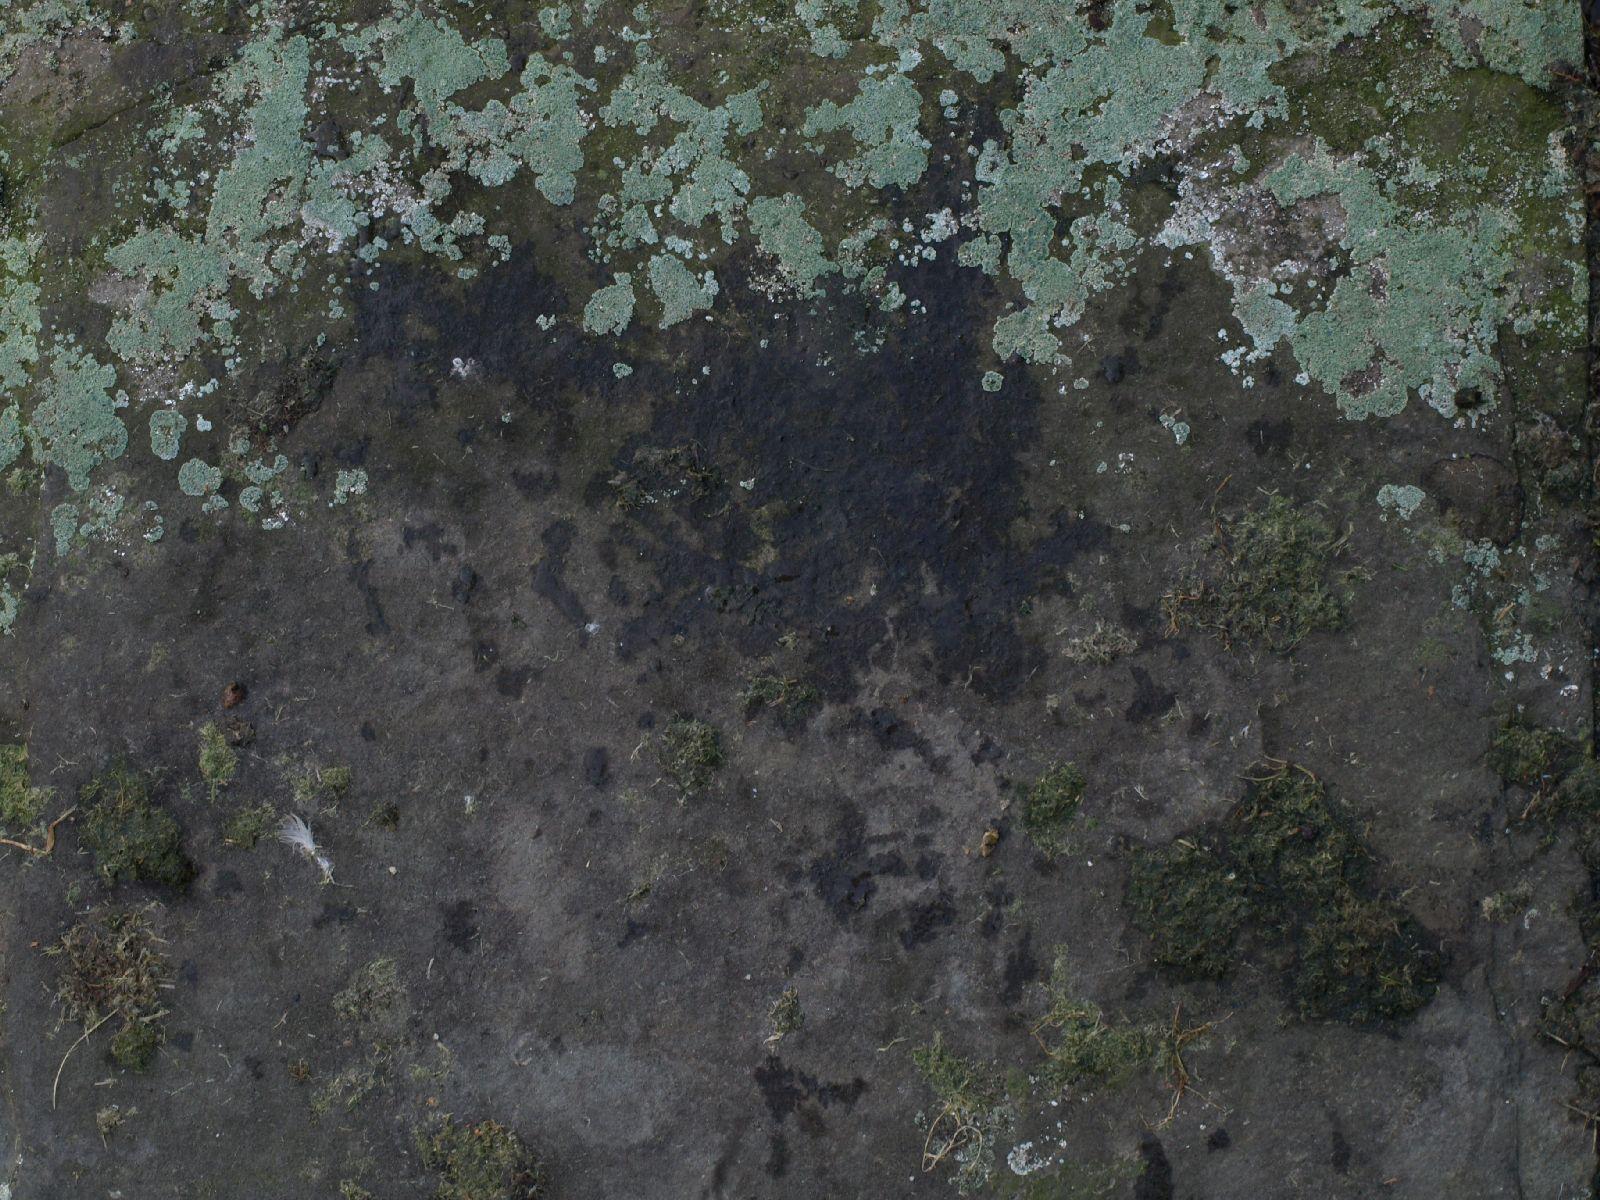 Grunge-Dreck_Textur_A_PA035637